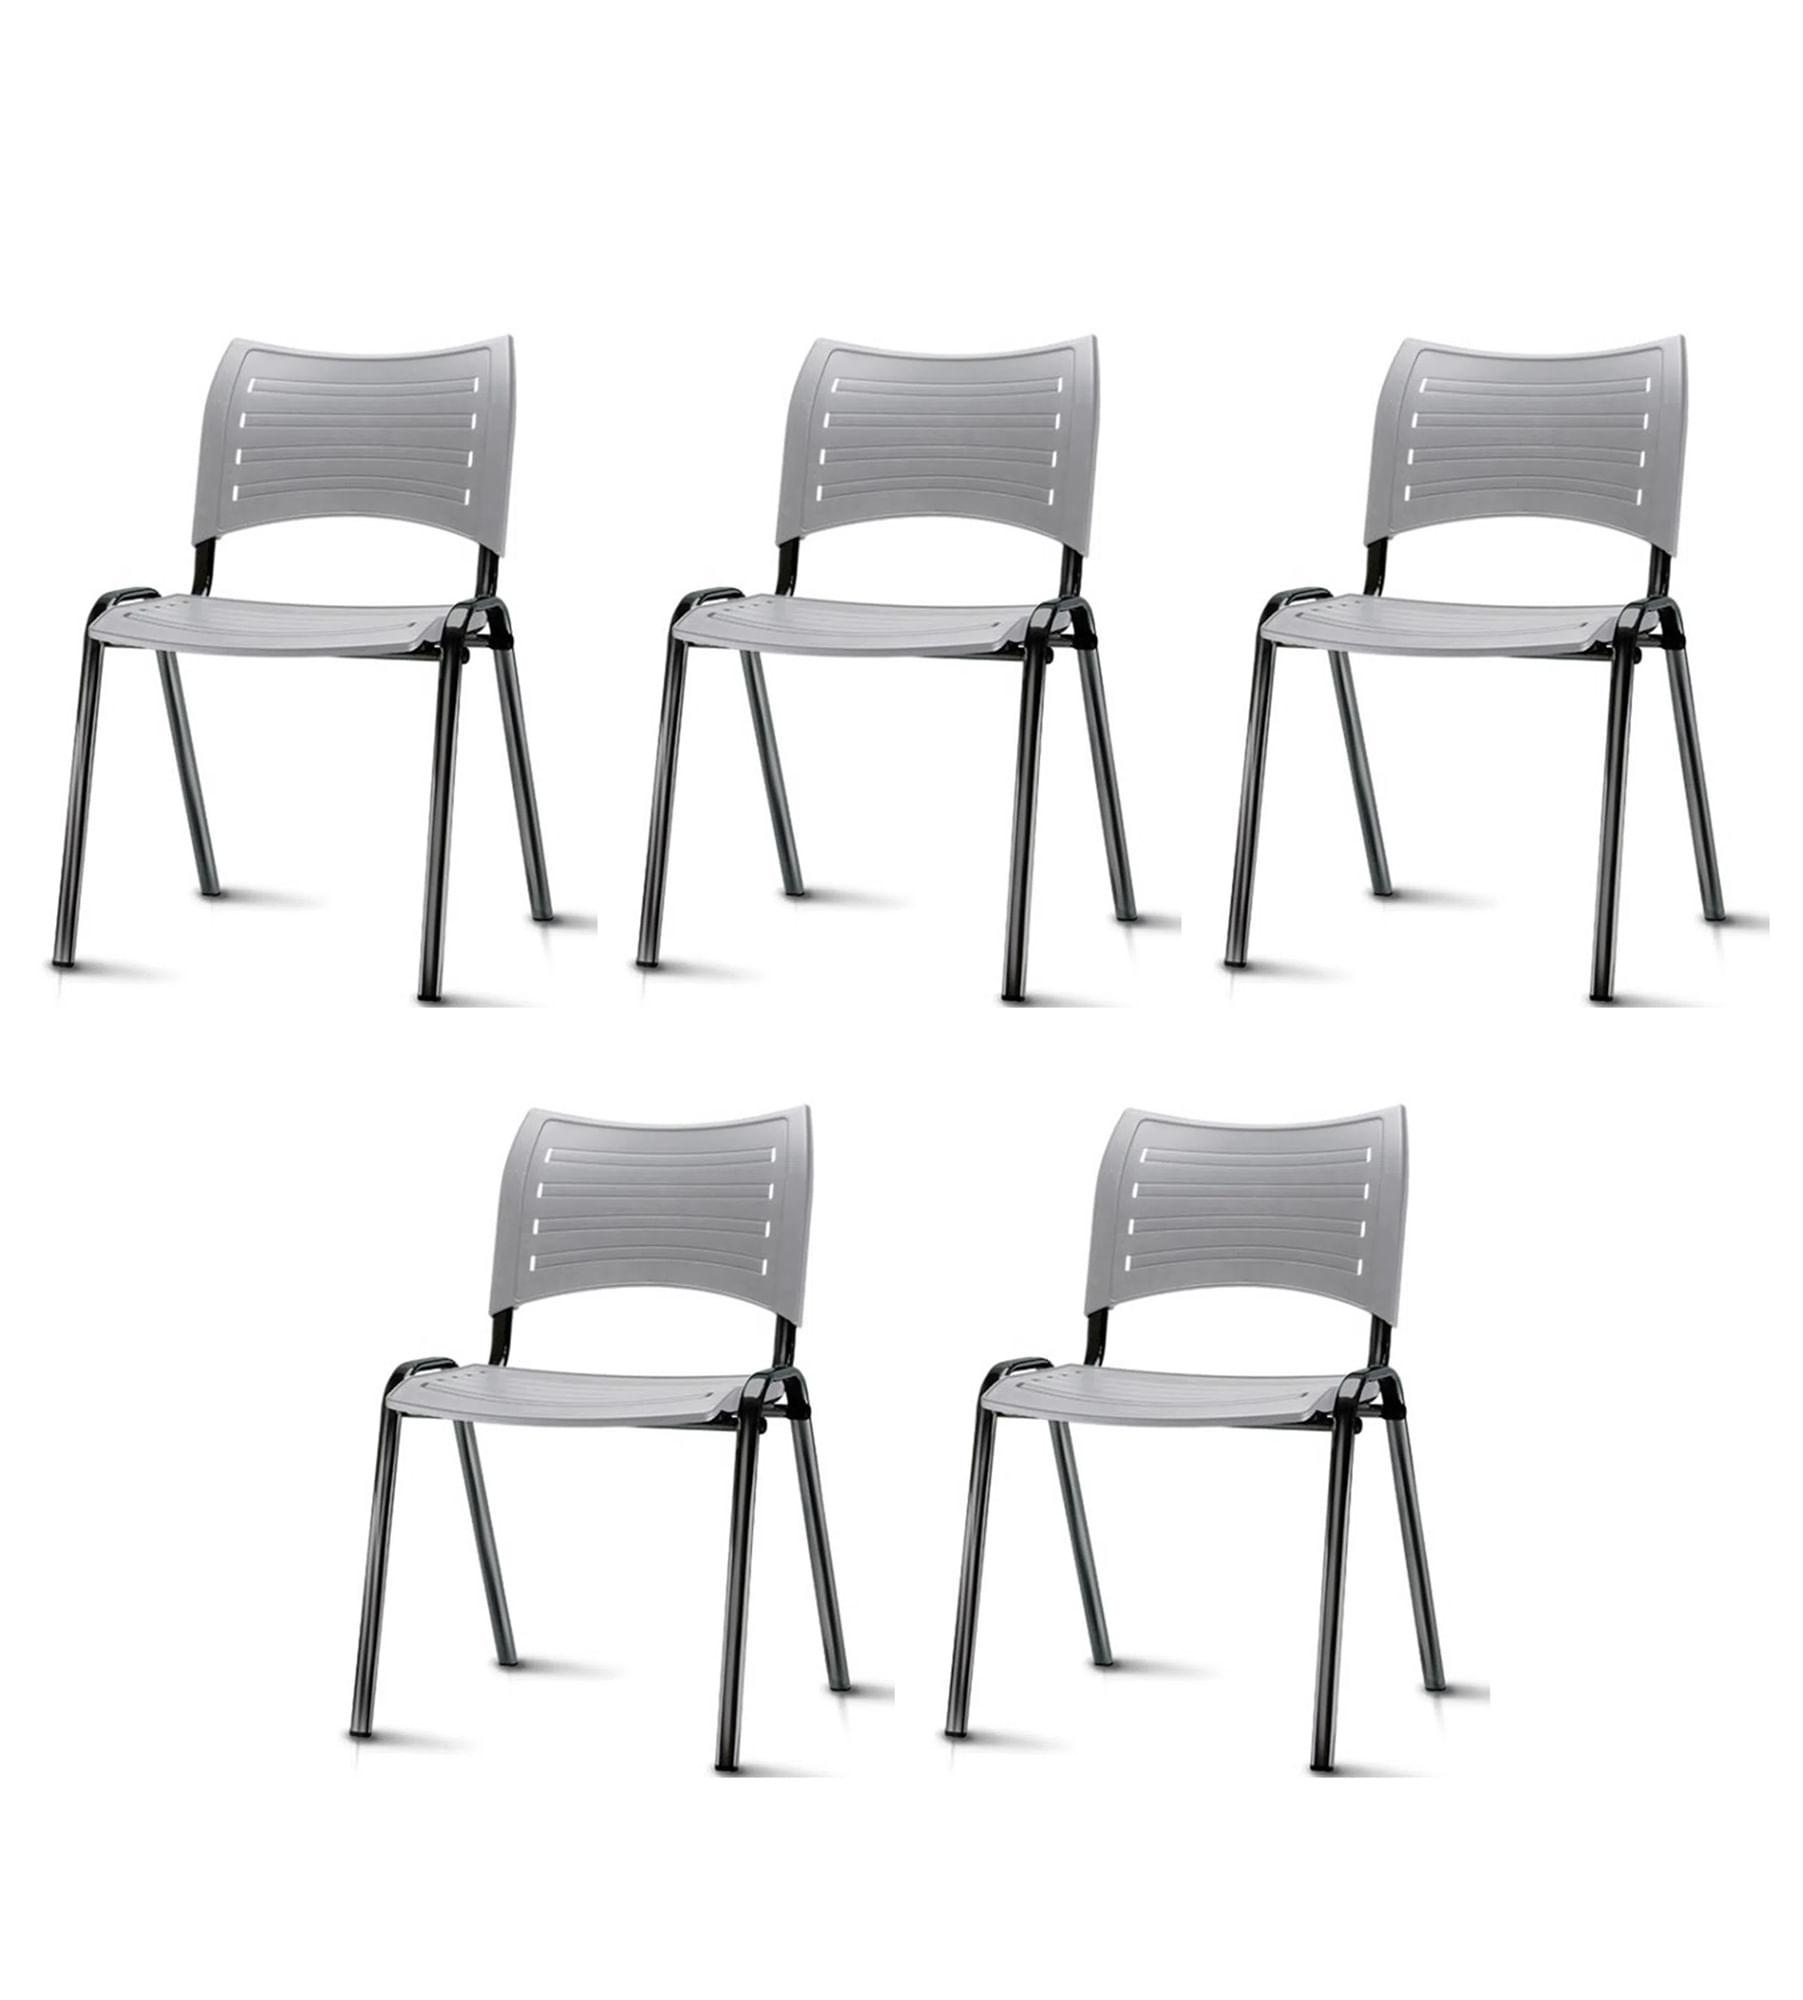 Kit 5 Cadeiras Iso Assento Cinza Base Preta - 57931